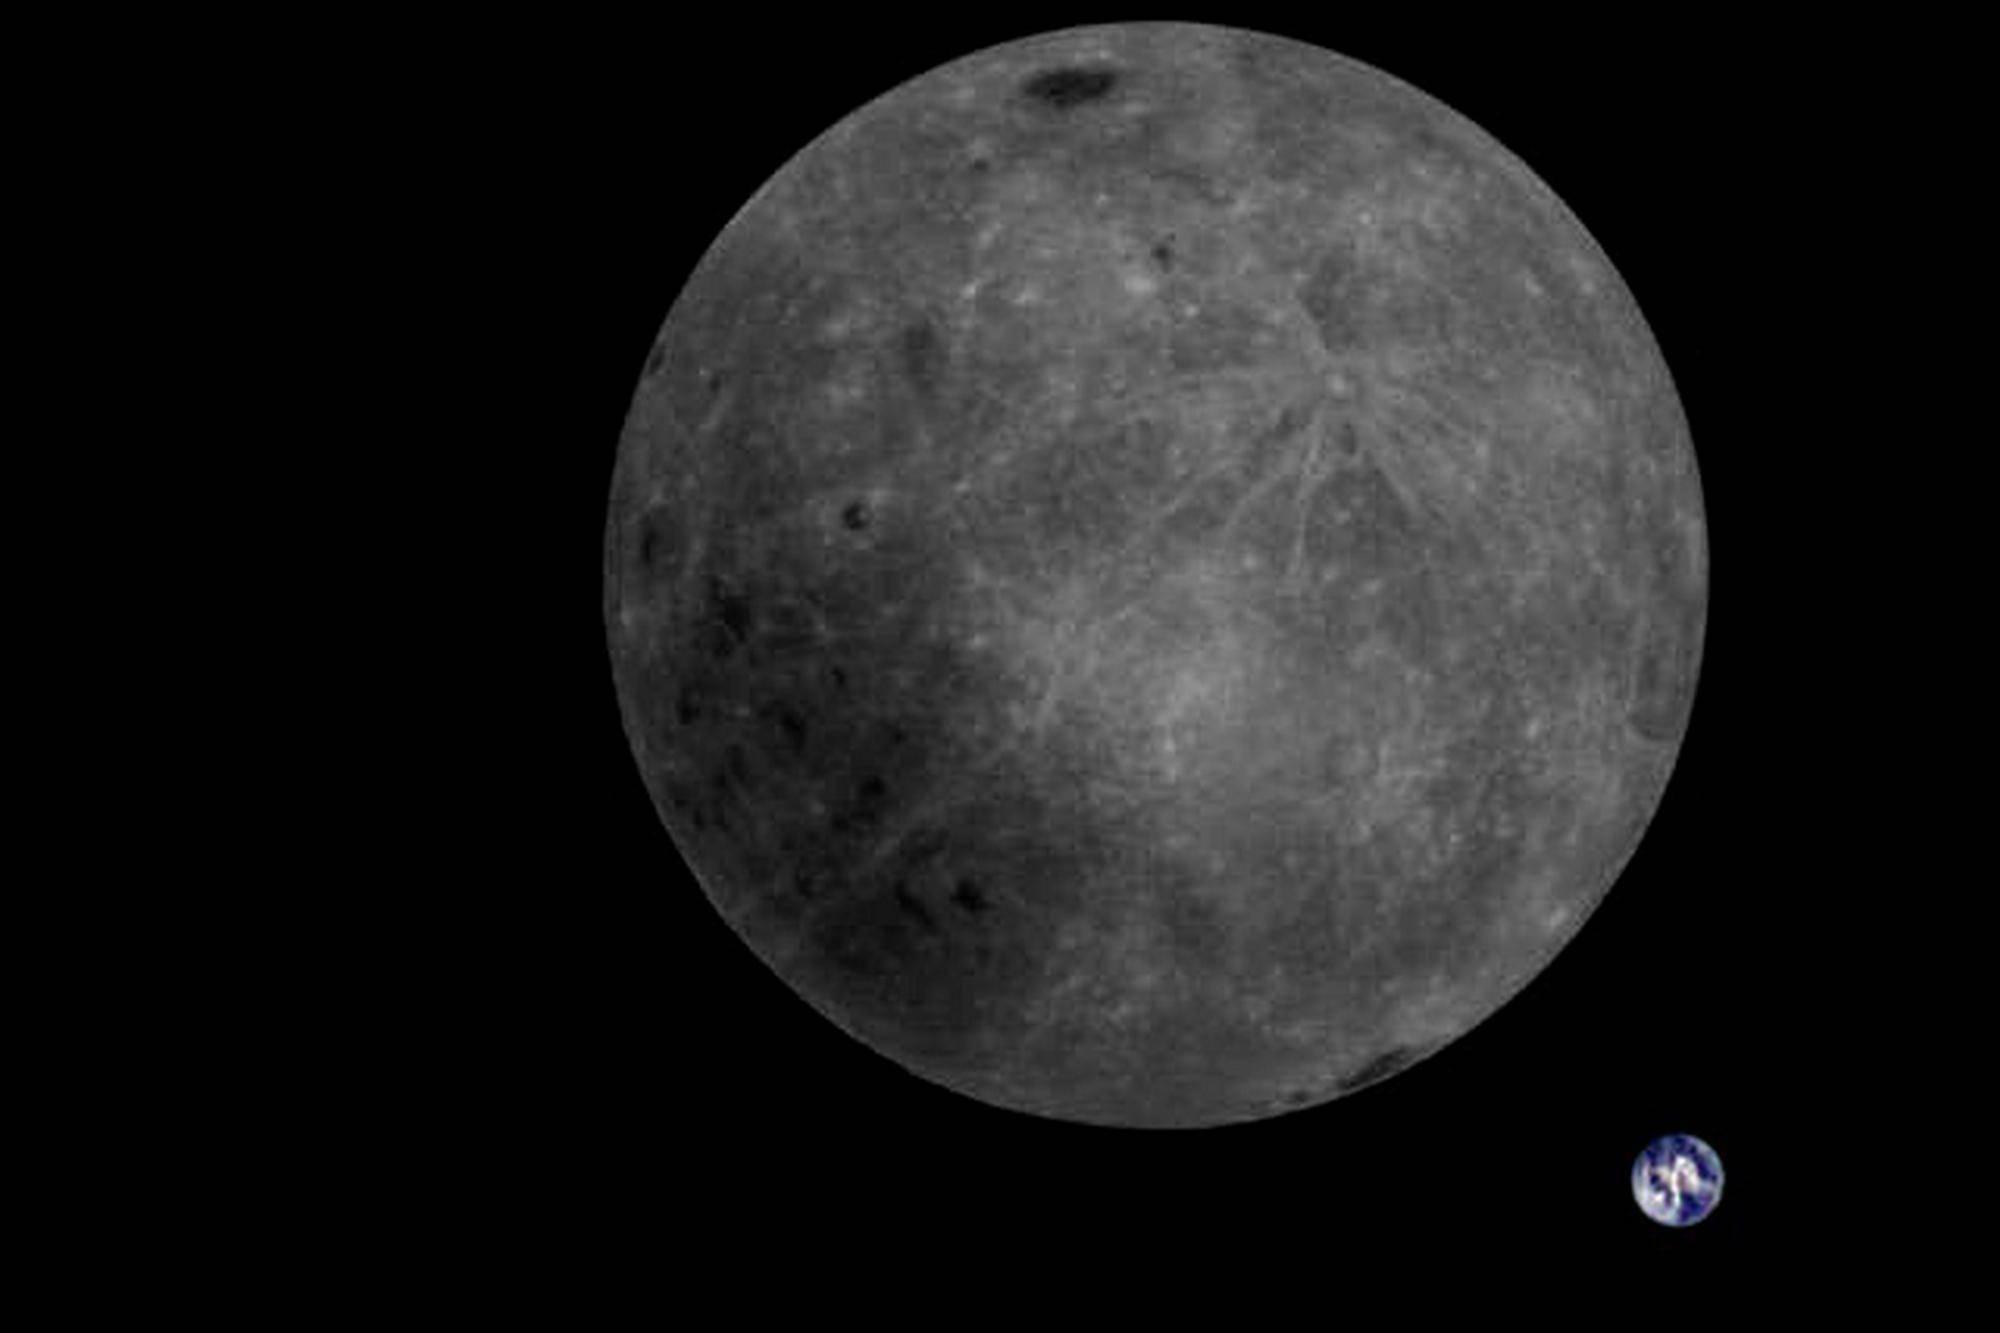 luna-1c53584c416727250c6f4677a8ee2eba.jp